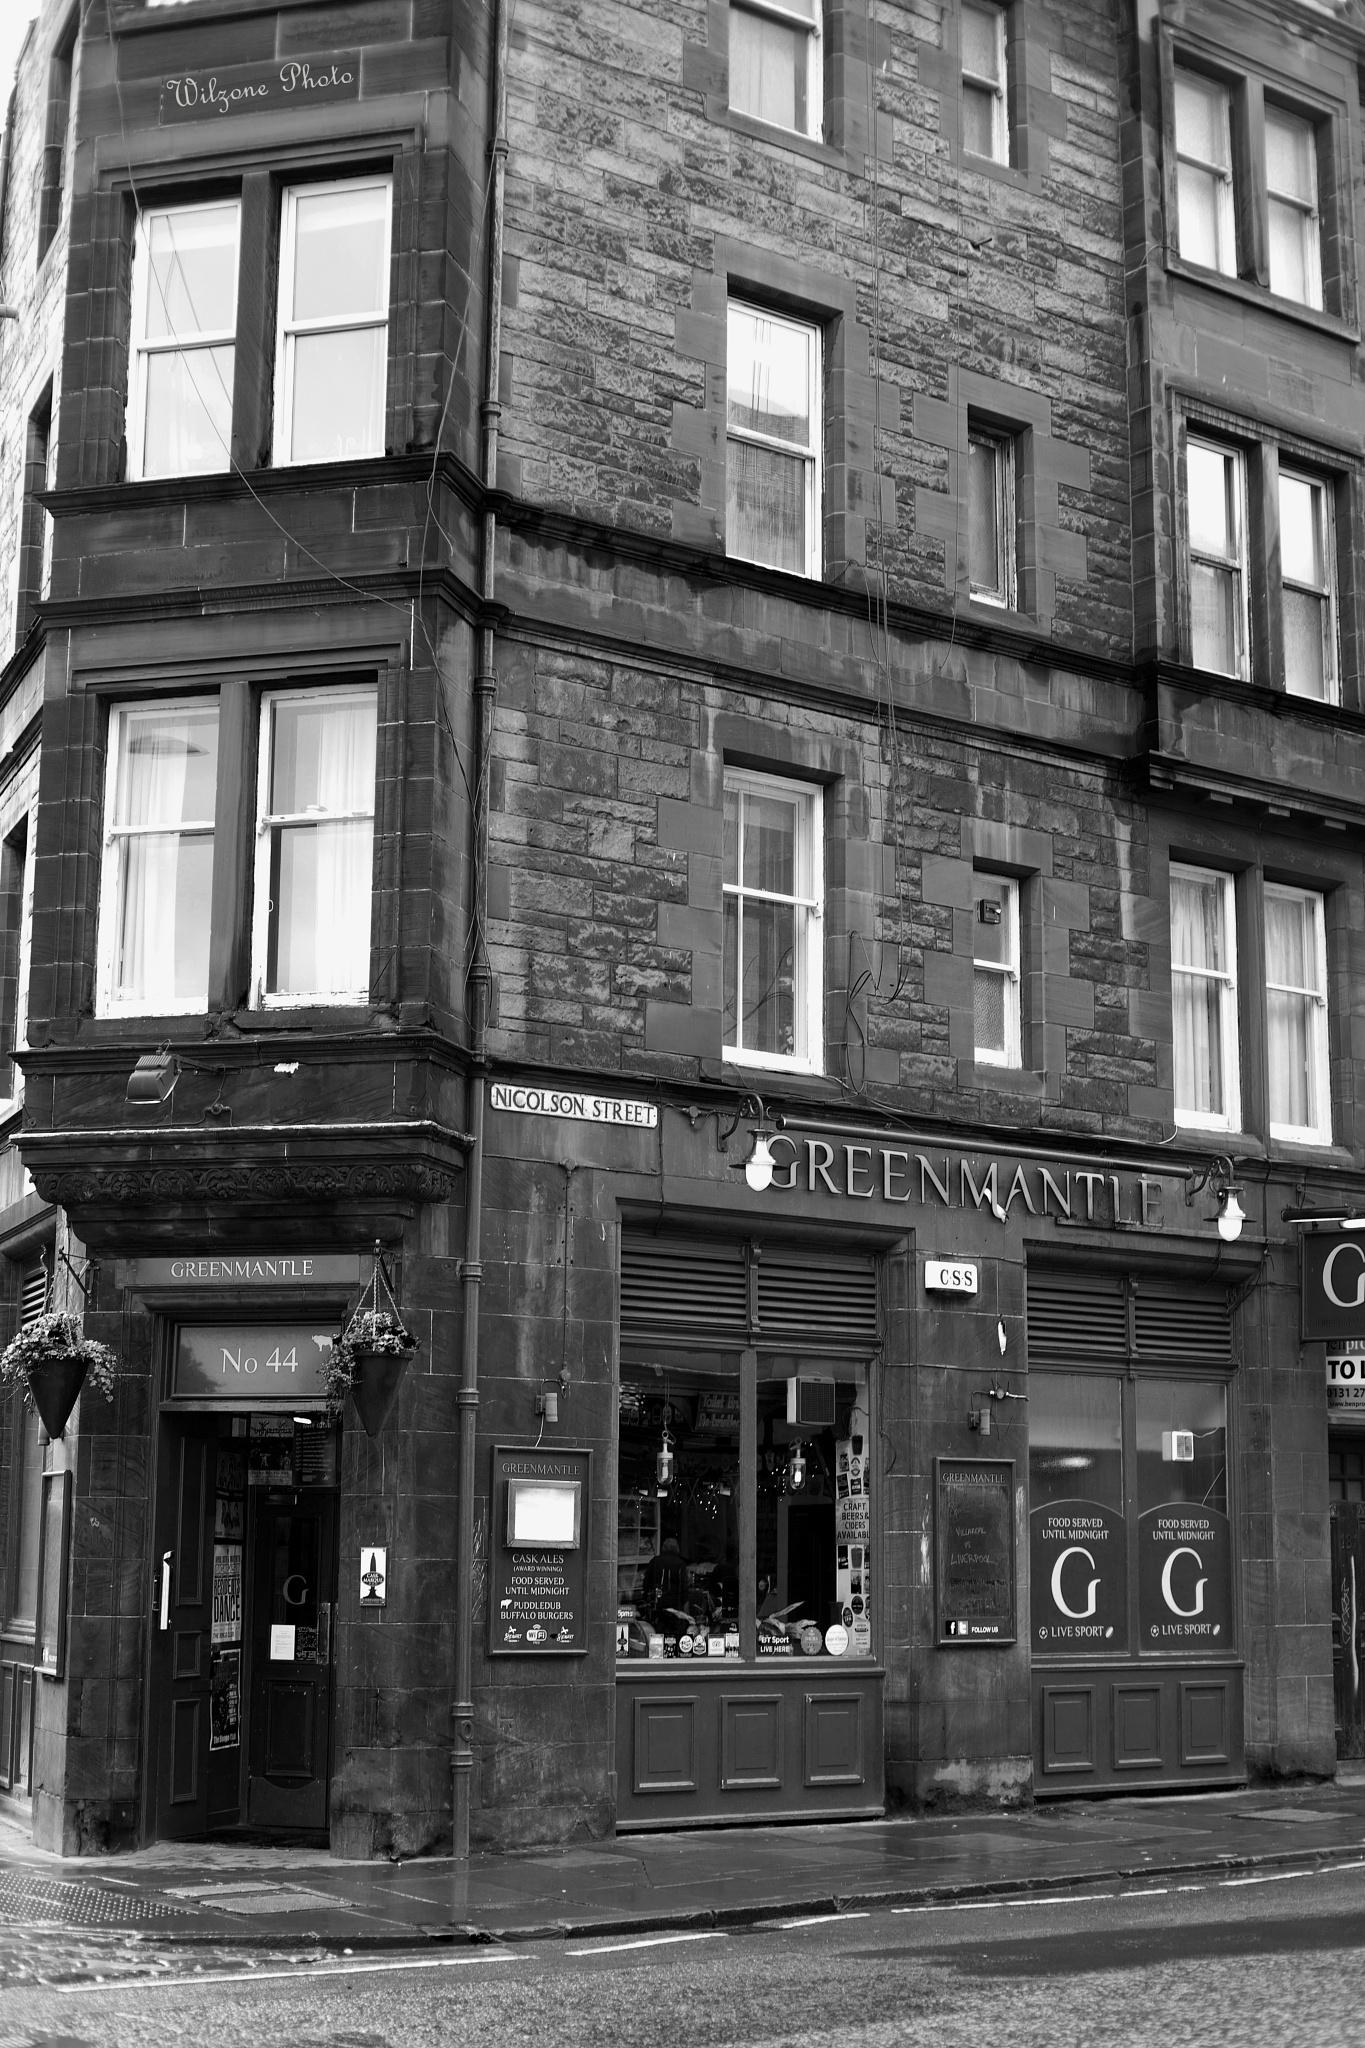 Edinburgh 4274 by Wilzone Photo